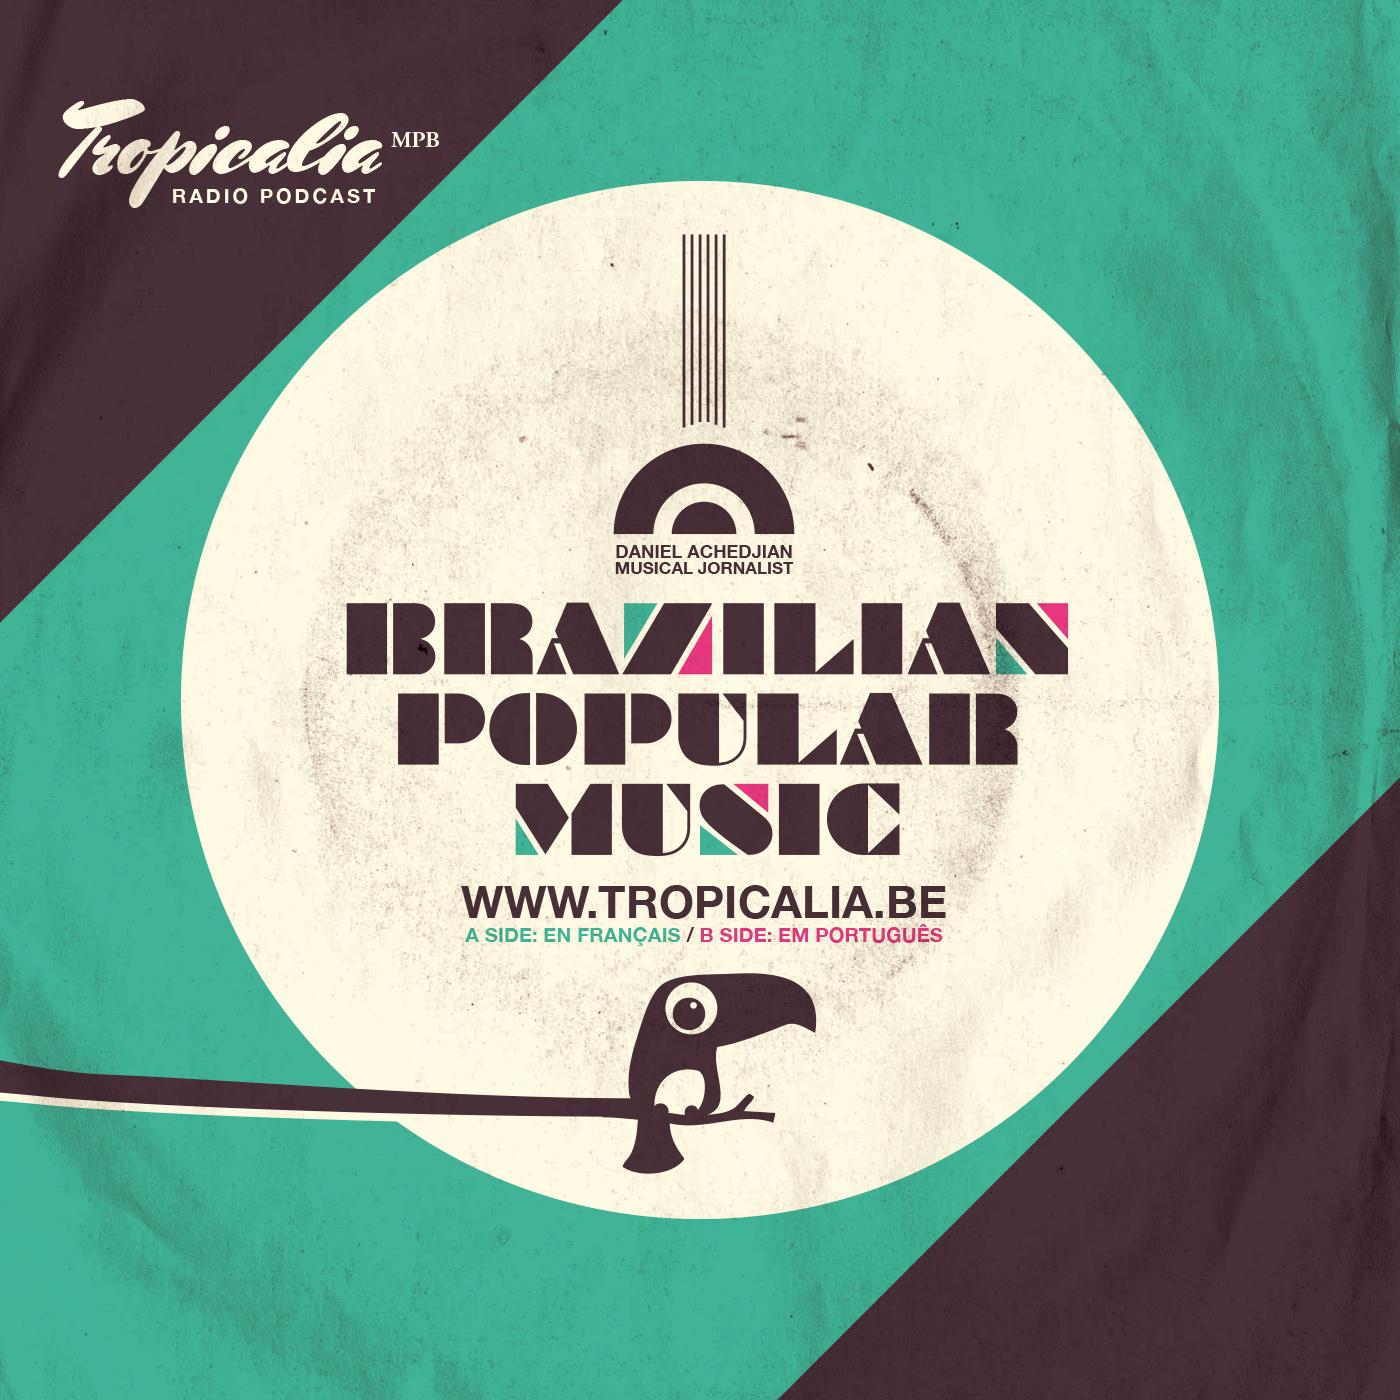 flyer Brazil typograhy